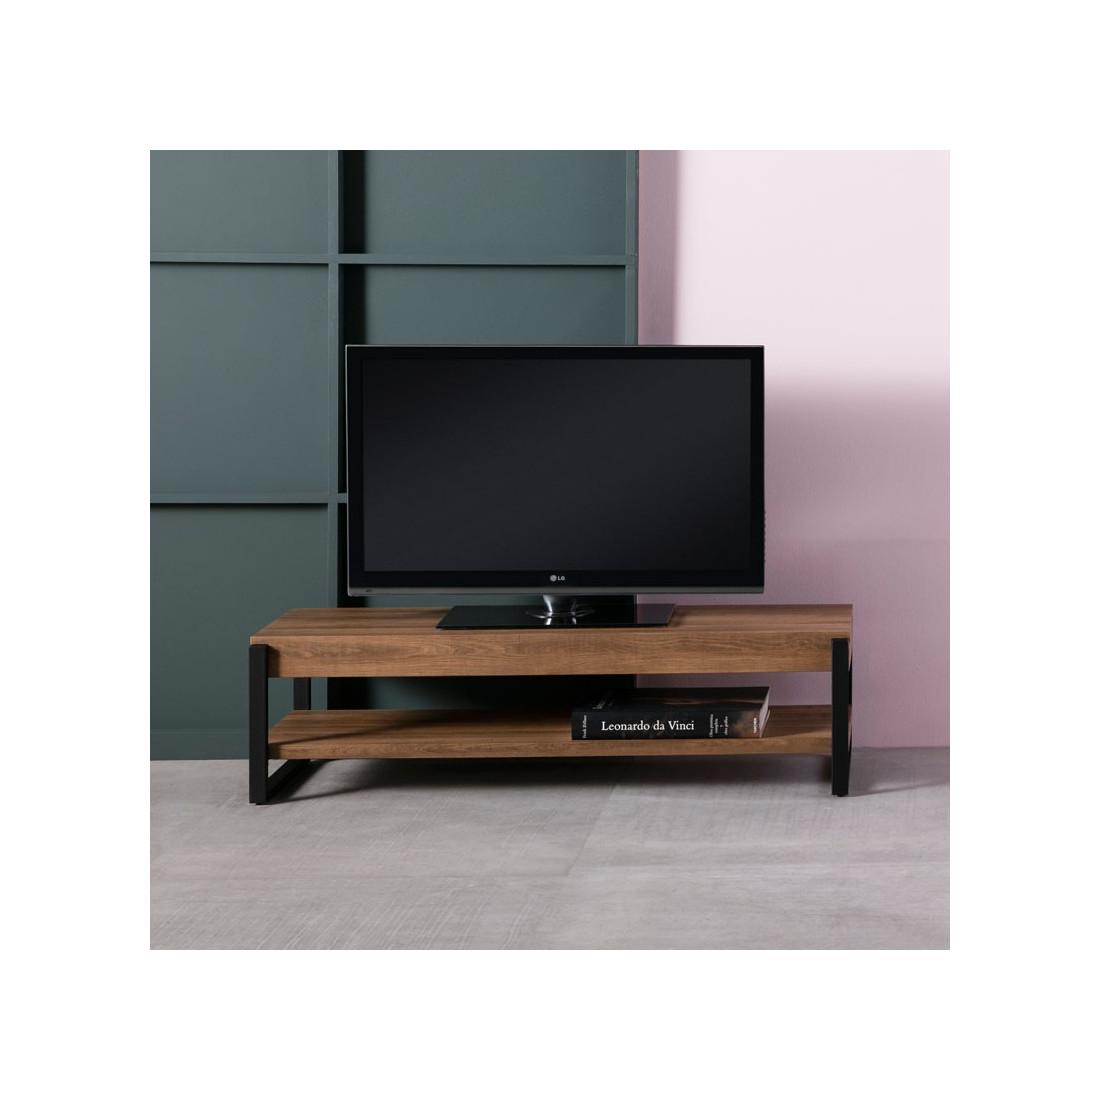 Meuble tv bois m tal noir avec sous plateau tantor univers du salon - Meuble tv bois noir ...